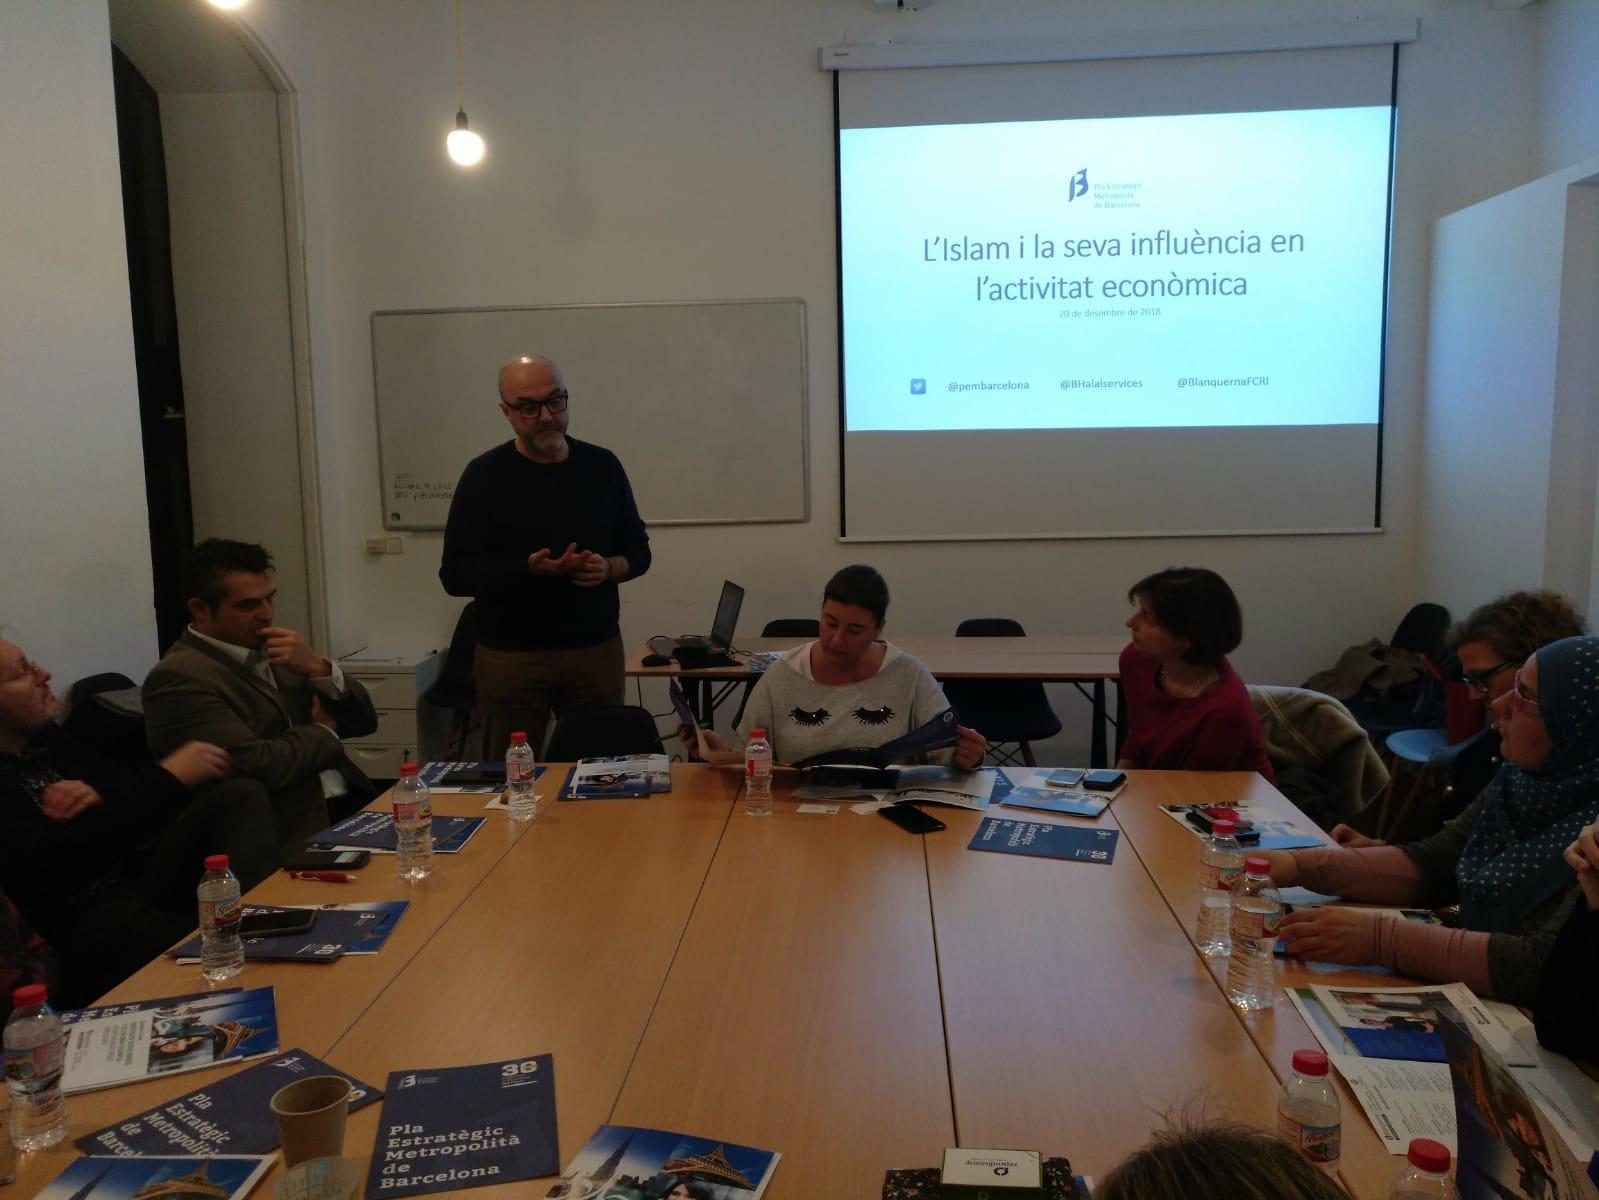 El coordinador general del PEMB, Oriol Estela, abre la sesión